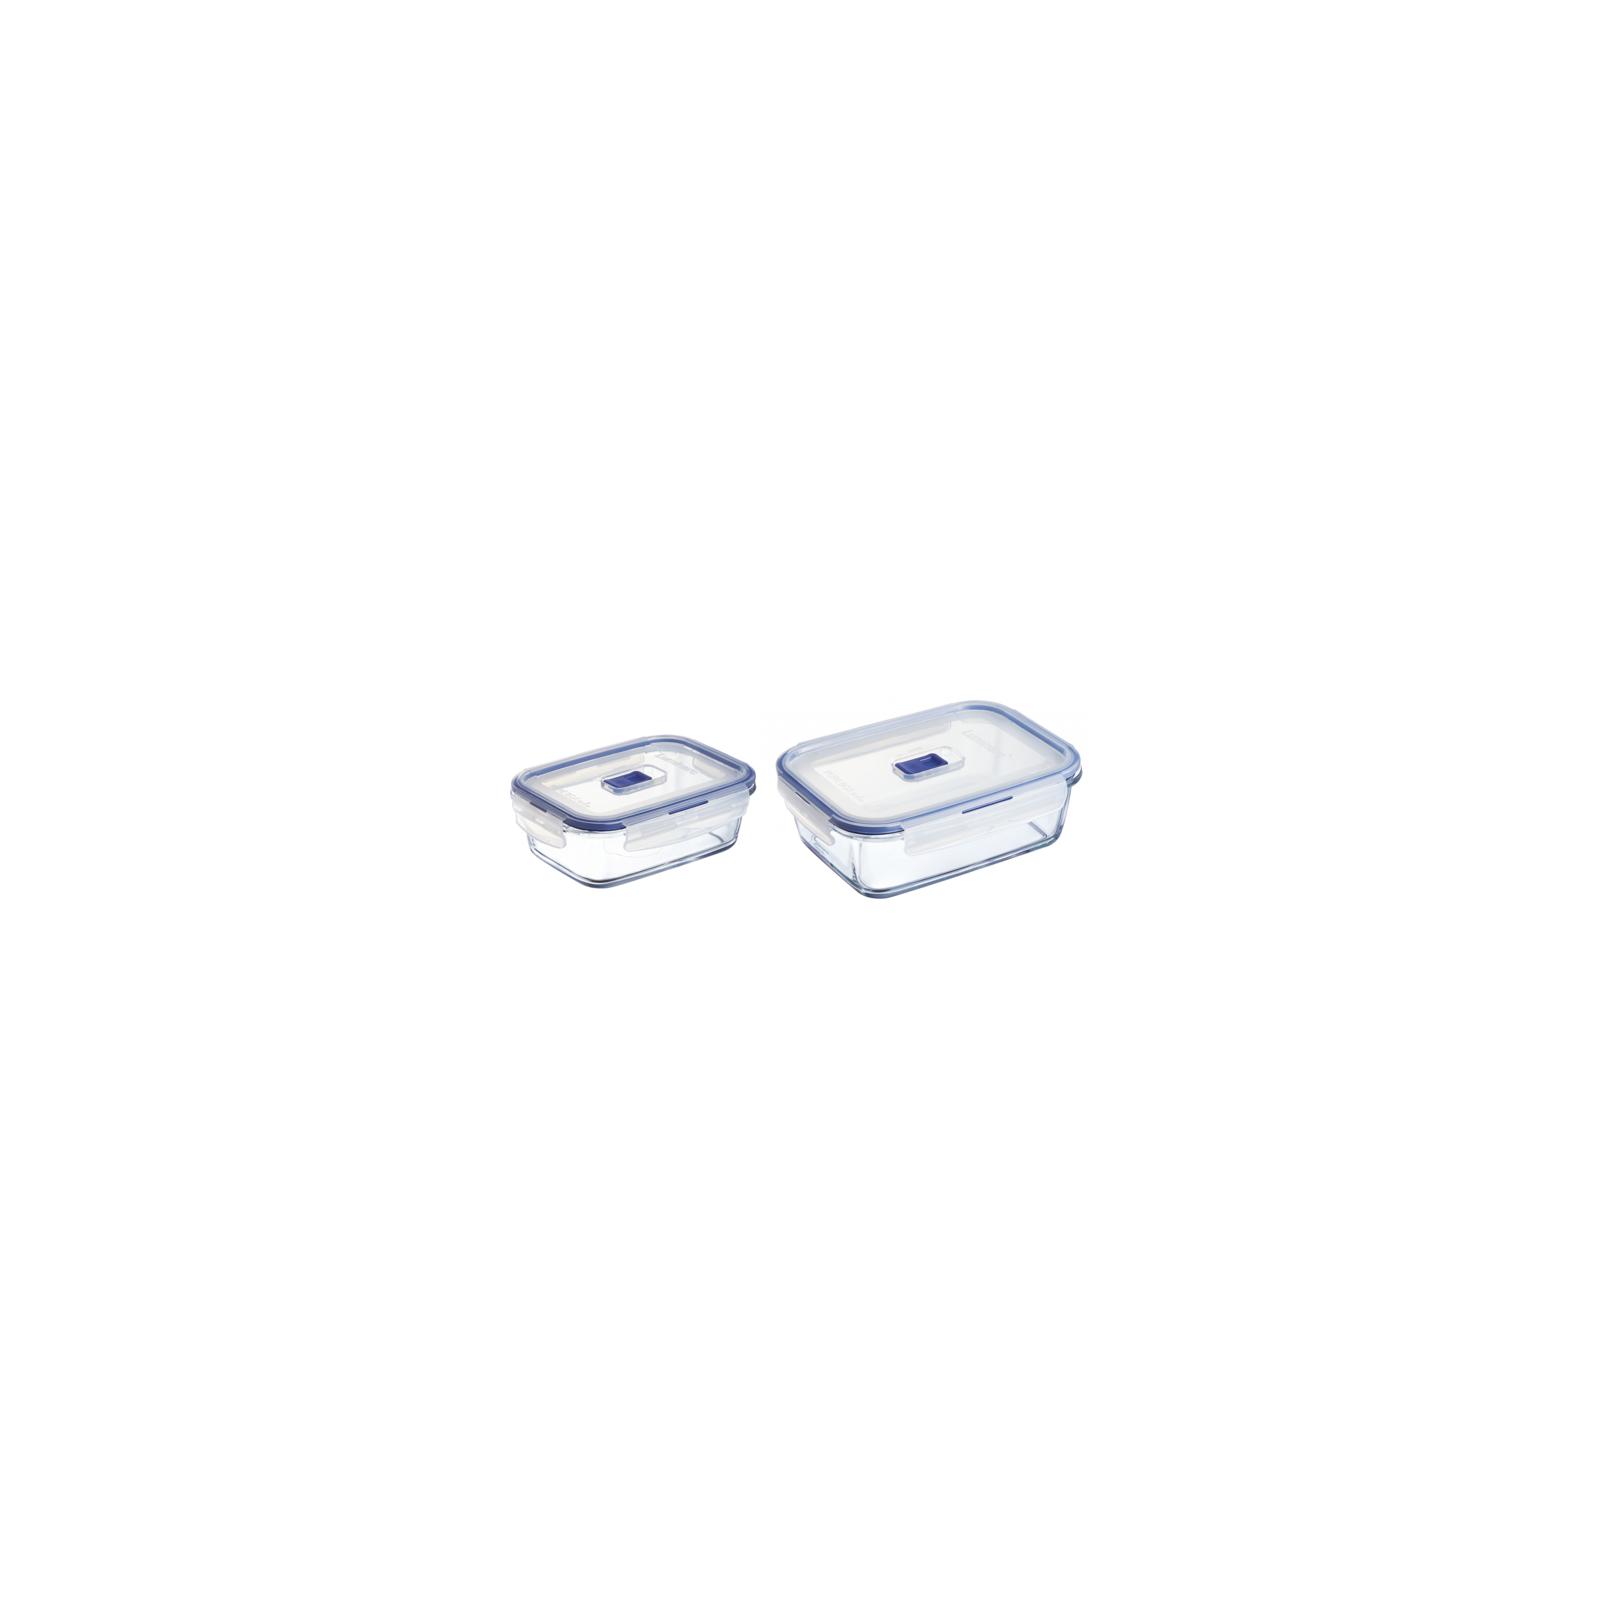 Пищевой контейнер Luminarc Pure Box Active набор 2шт прямоуг. 820мл/1220мл (P5505)